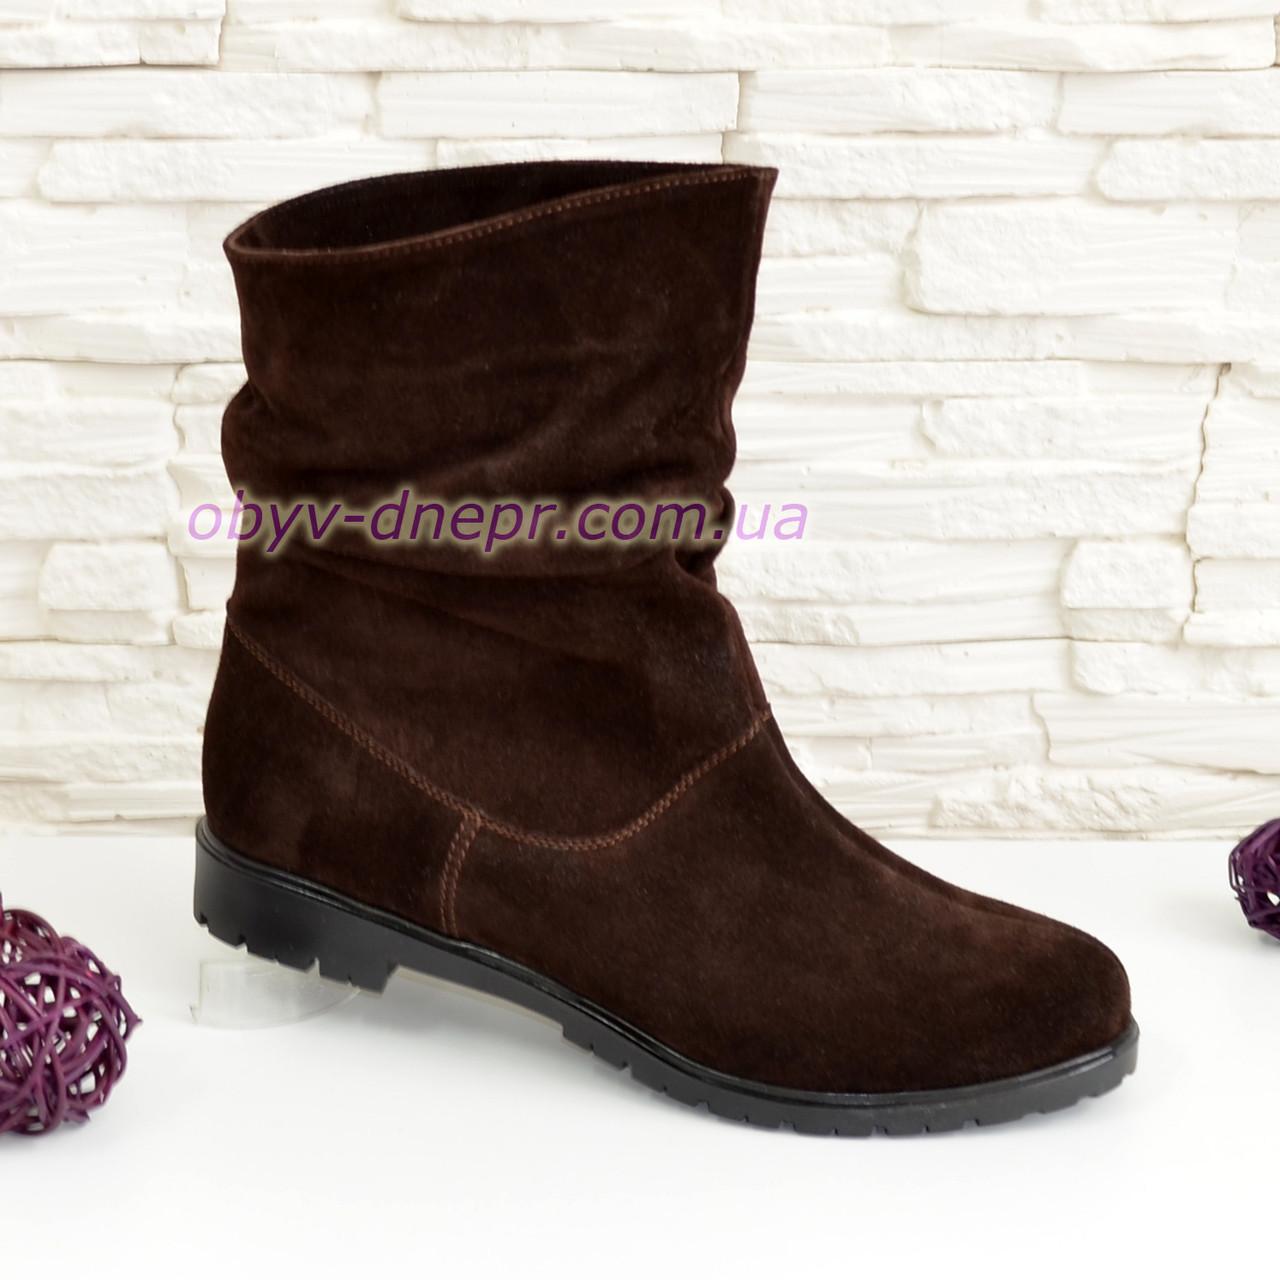 Ботинки коричневые женские замшевые свободного одевания.